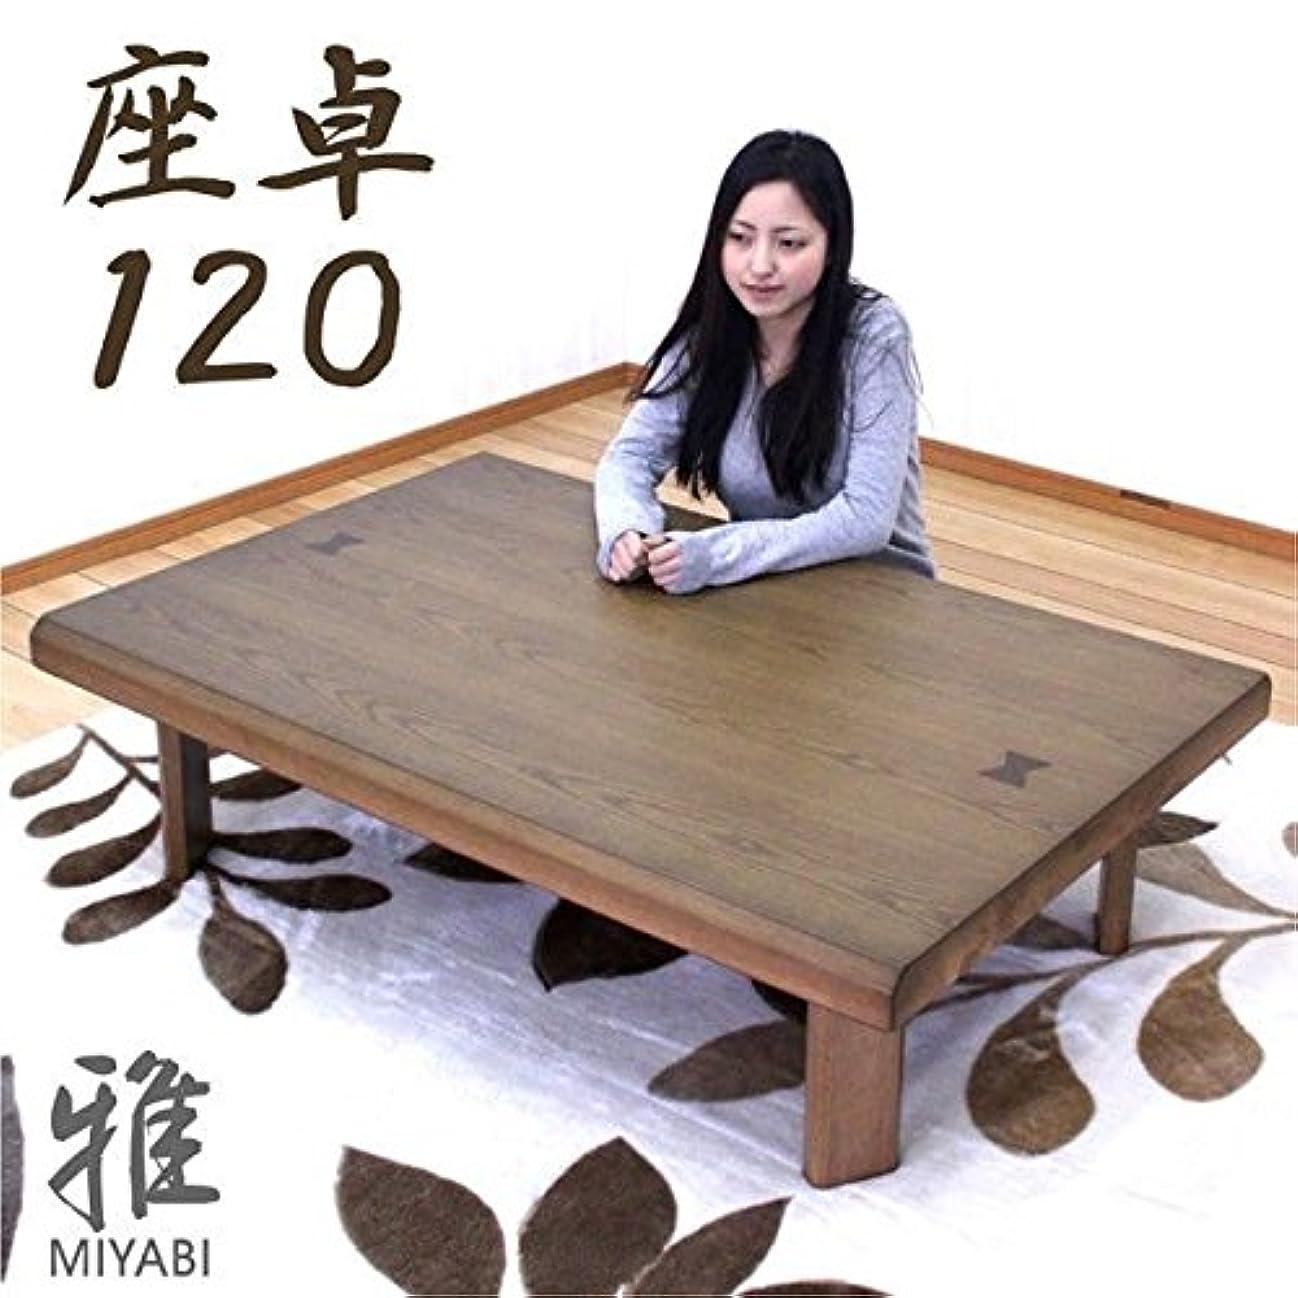 限界追放する先住民テーブル 座卓 ローテーブル 幅120cm タモ材 折れ脚 和風 和モダン 象嵌細工 コンパクト 木製 [並行輸入品]